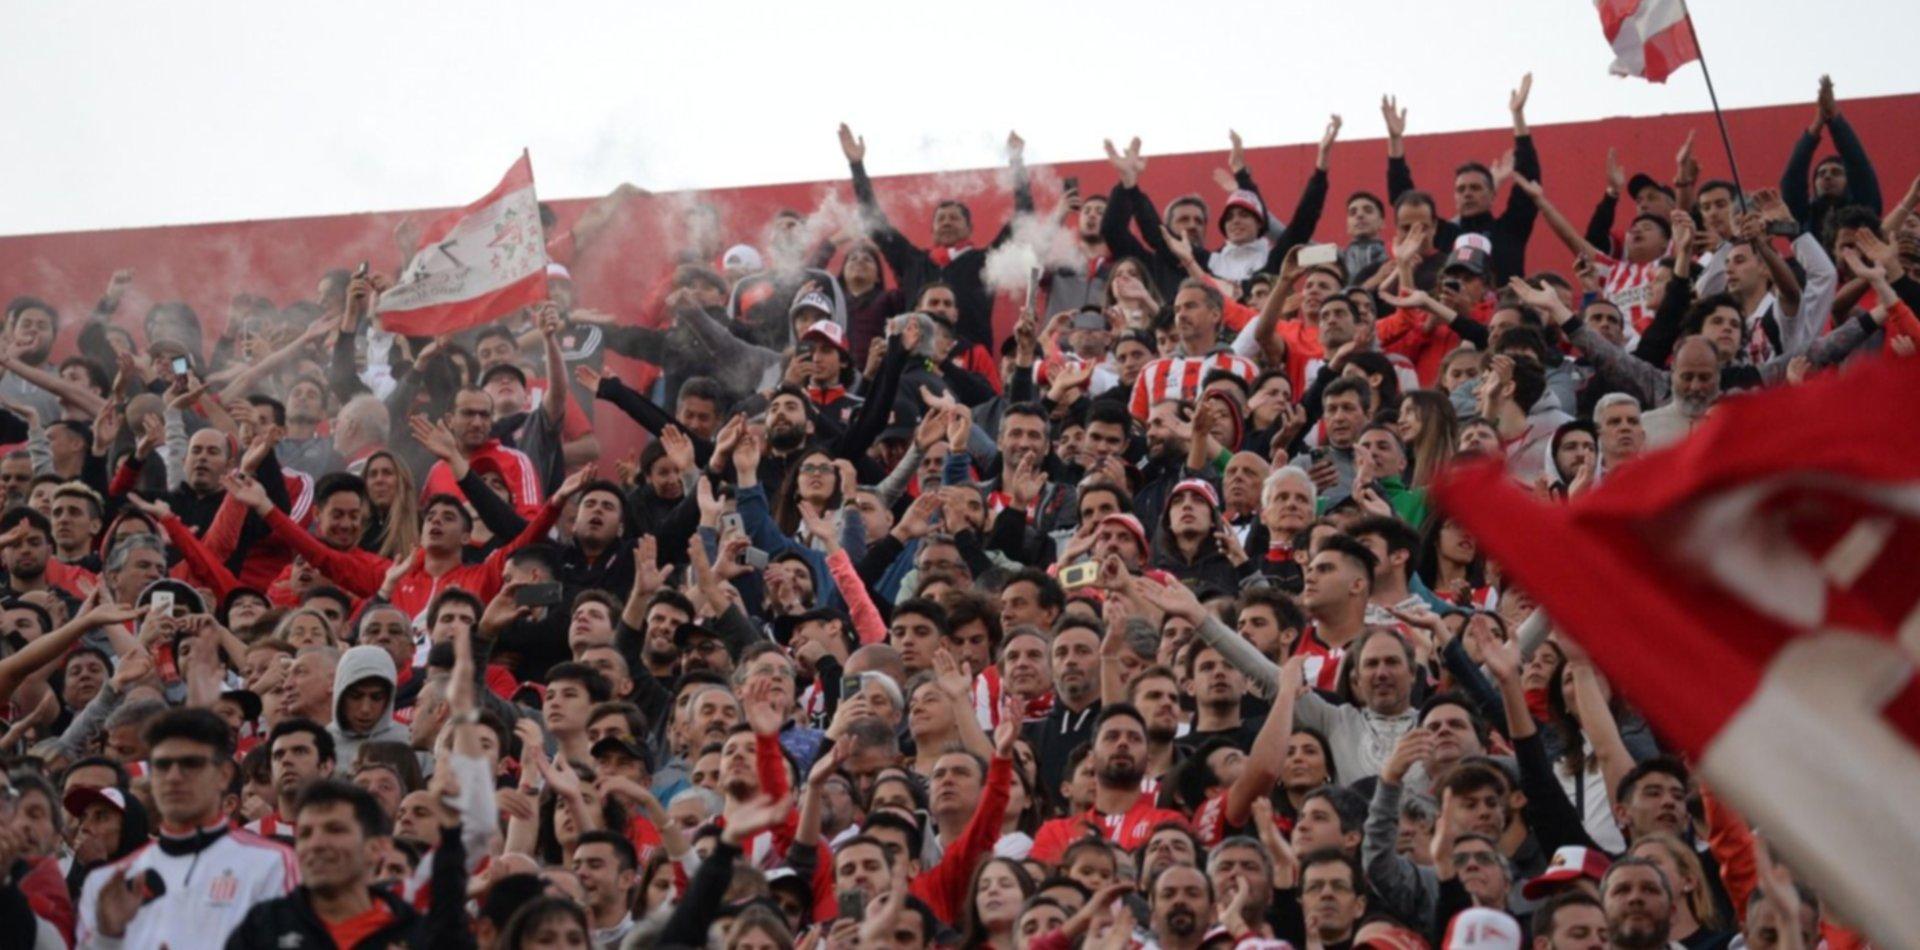 Pintadas, robos y daños: las imágenes de la inauguración del estadio que indignan